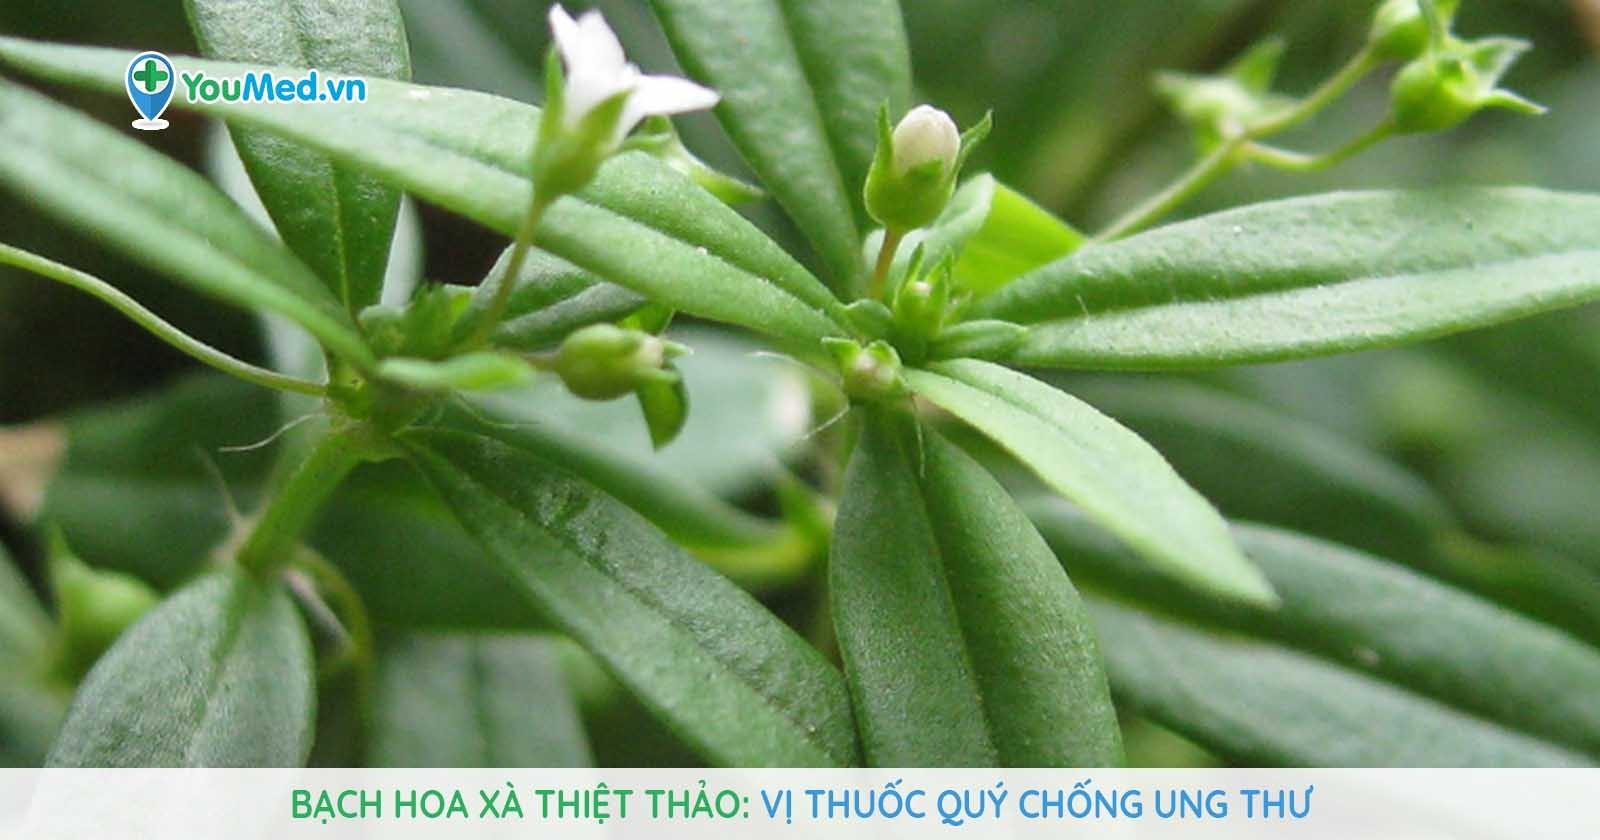 Bạch hoa xà thiệt thảo: Vị thuốc quý chống ung thư